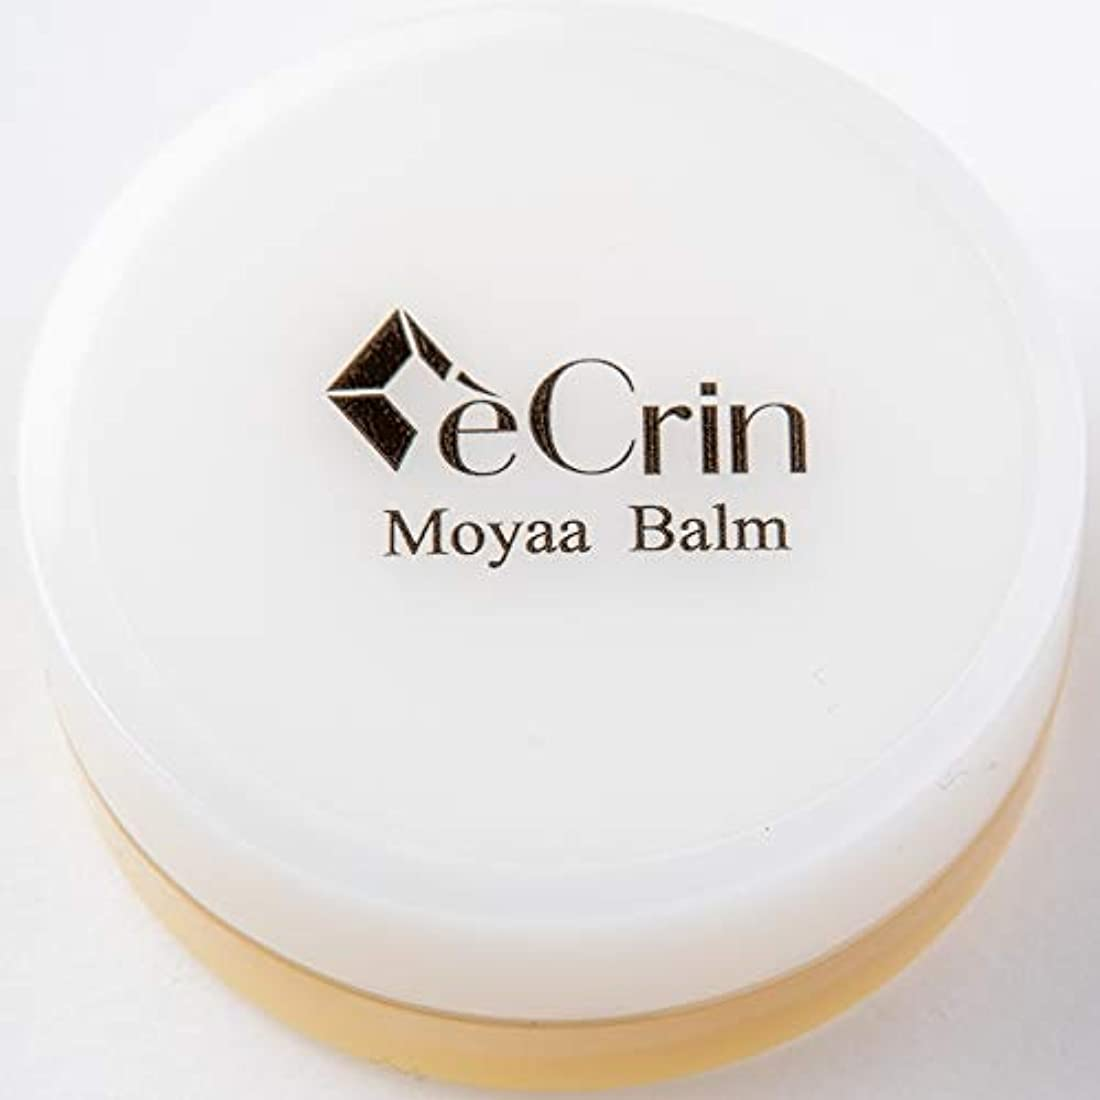 百ヤギ昇るMoyaa Balm (モーヤバーム)天然成分のみで仕上げたシアバター white 無添加 天然成分100%